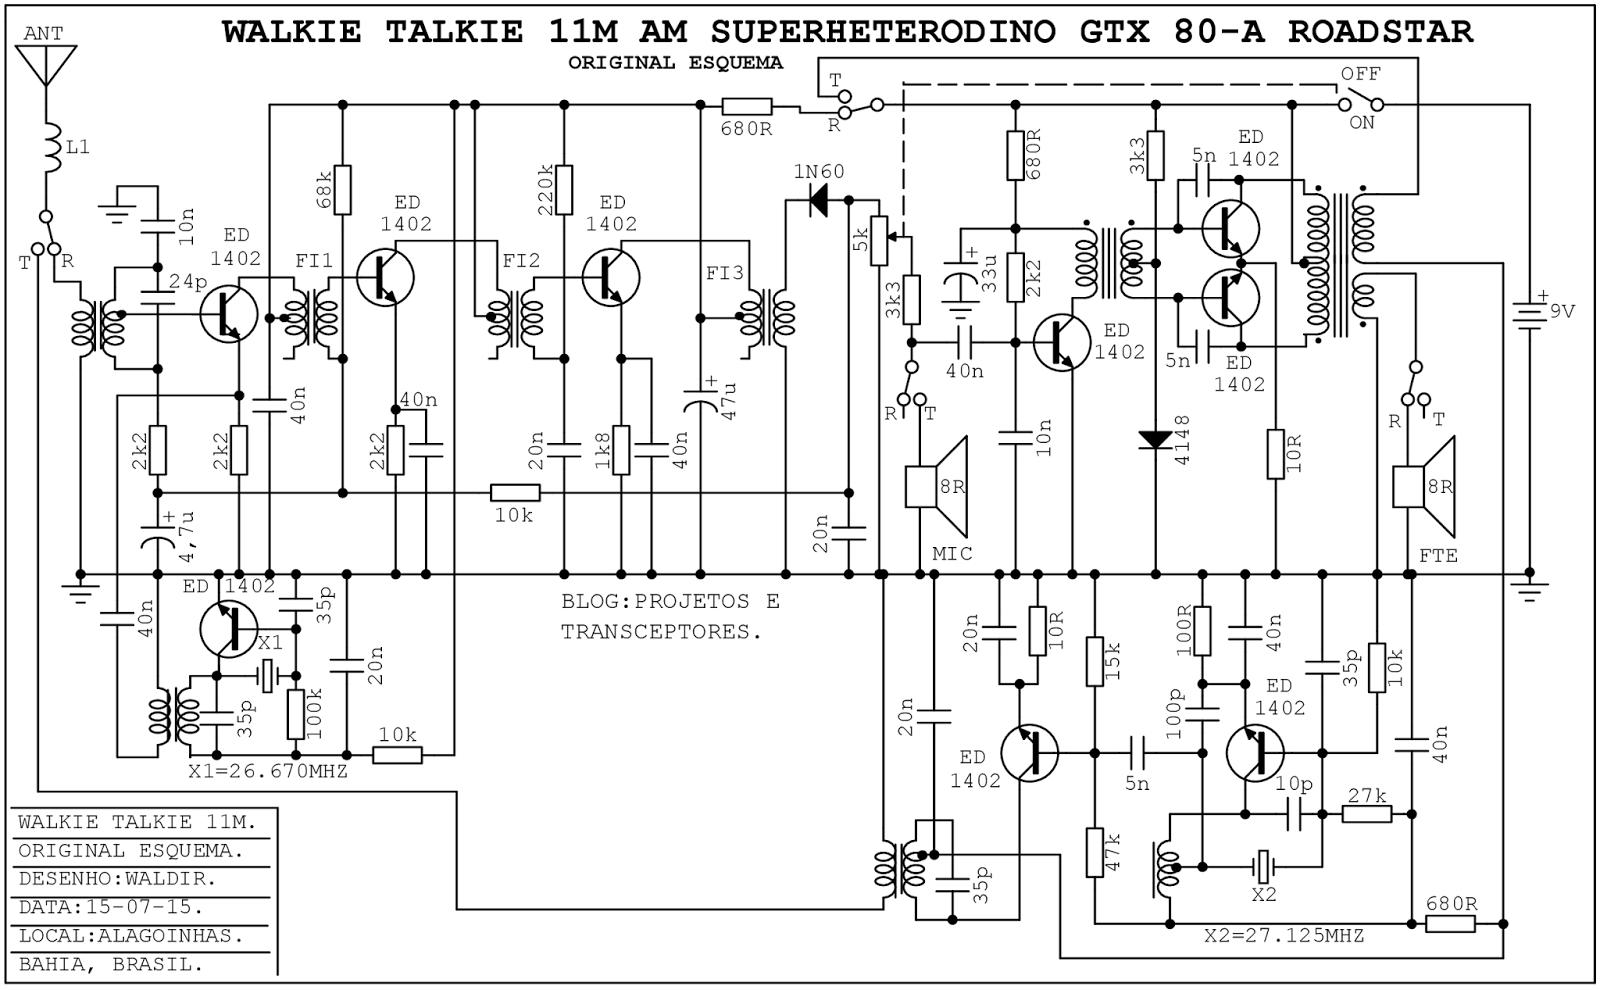 projetos e transceptores   walkie talkie roadstar am 11